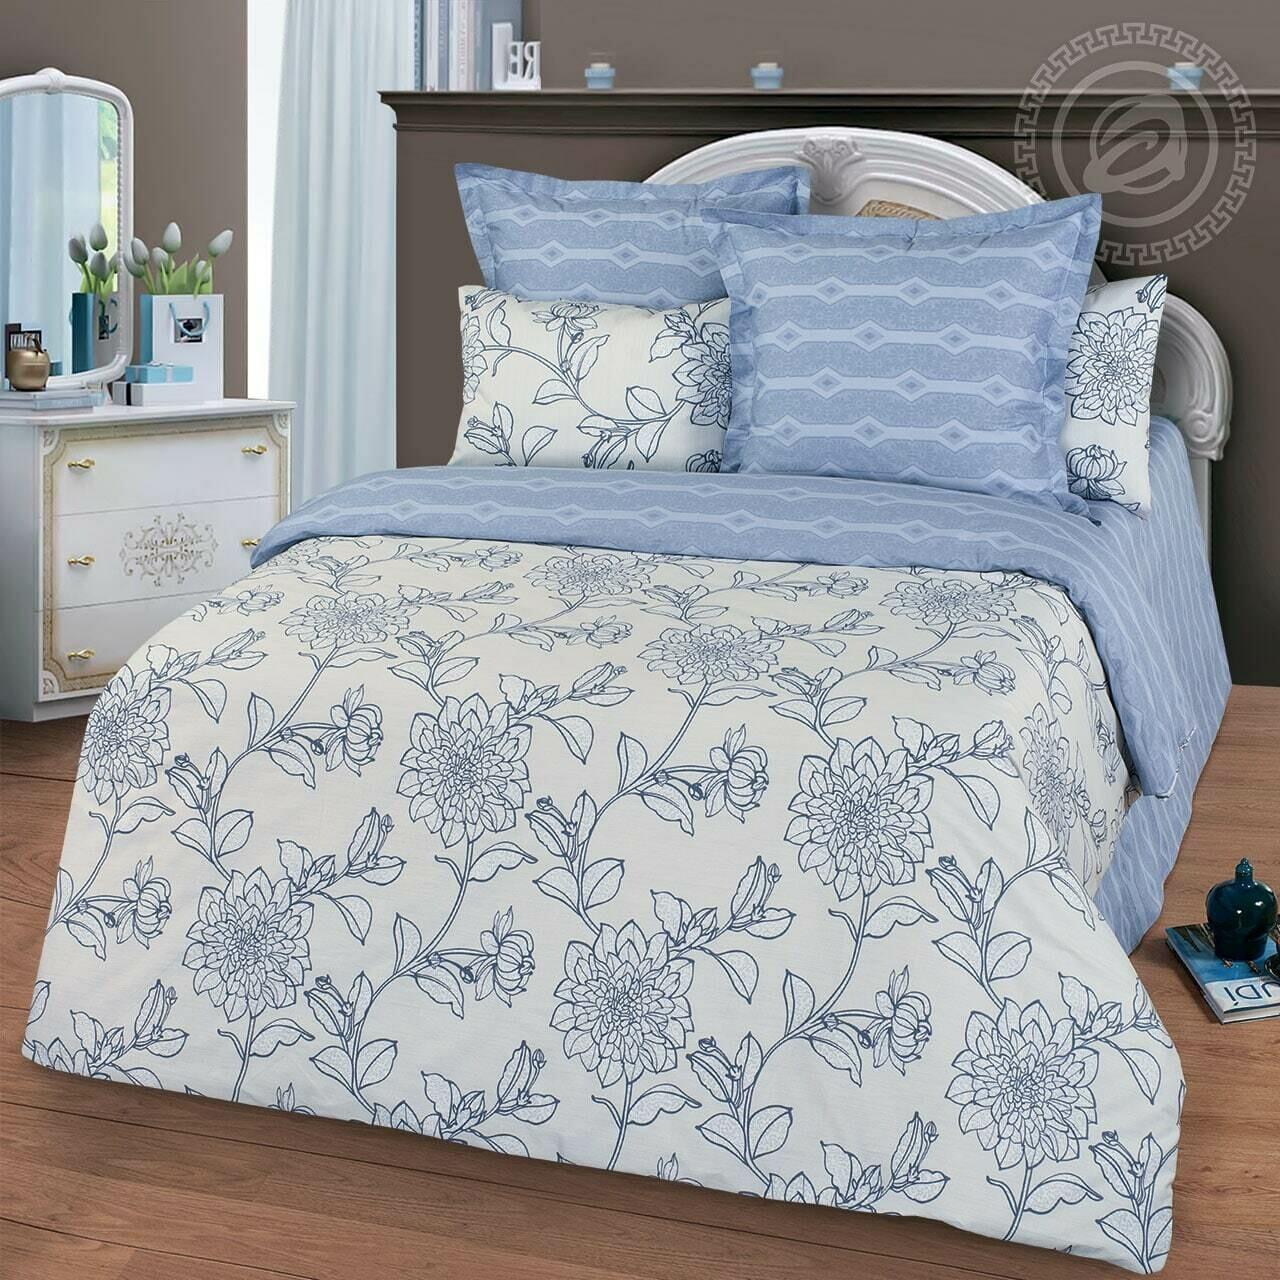 Жасмин - Престиж  (Комплекты постельного белья)